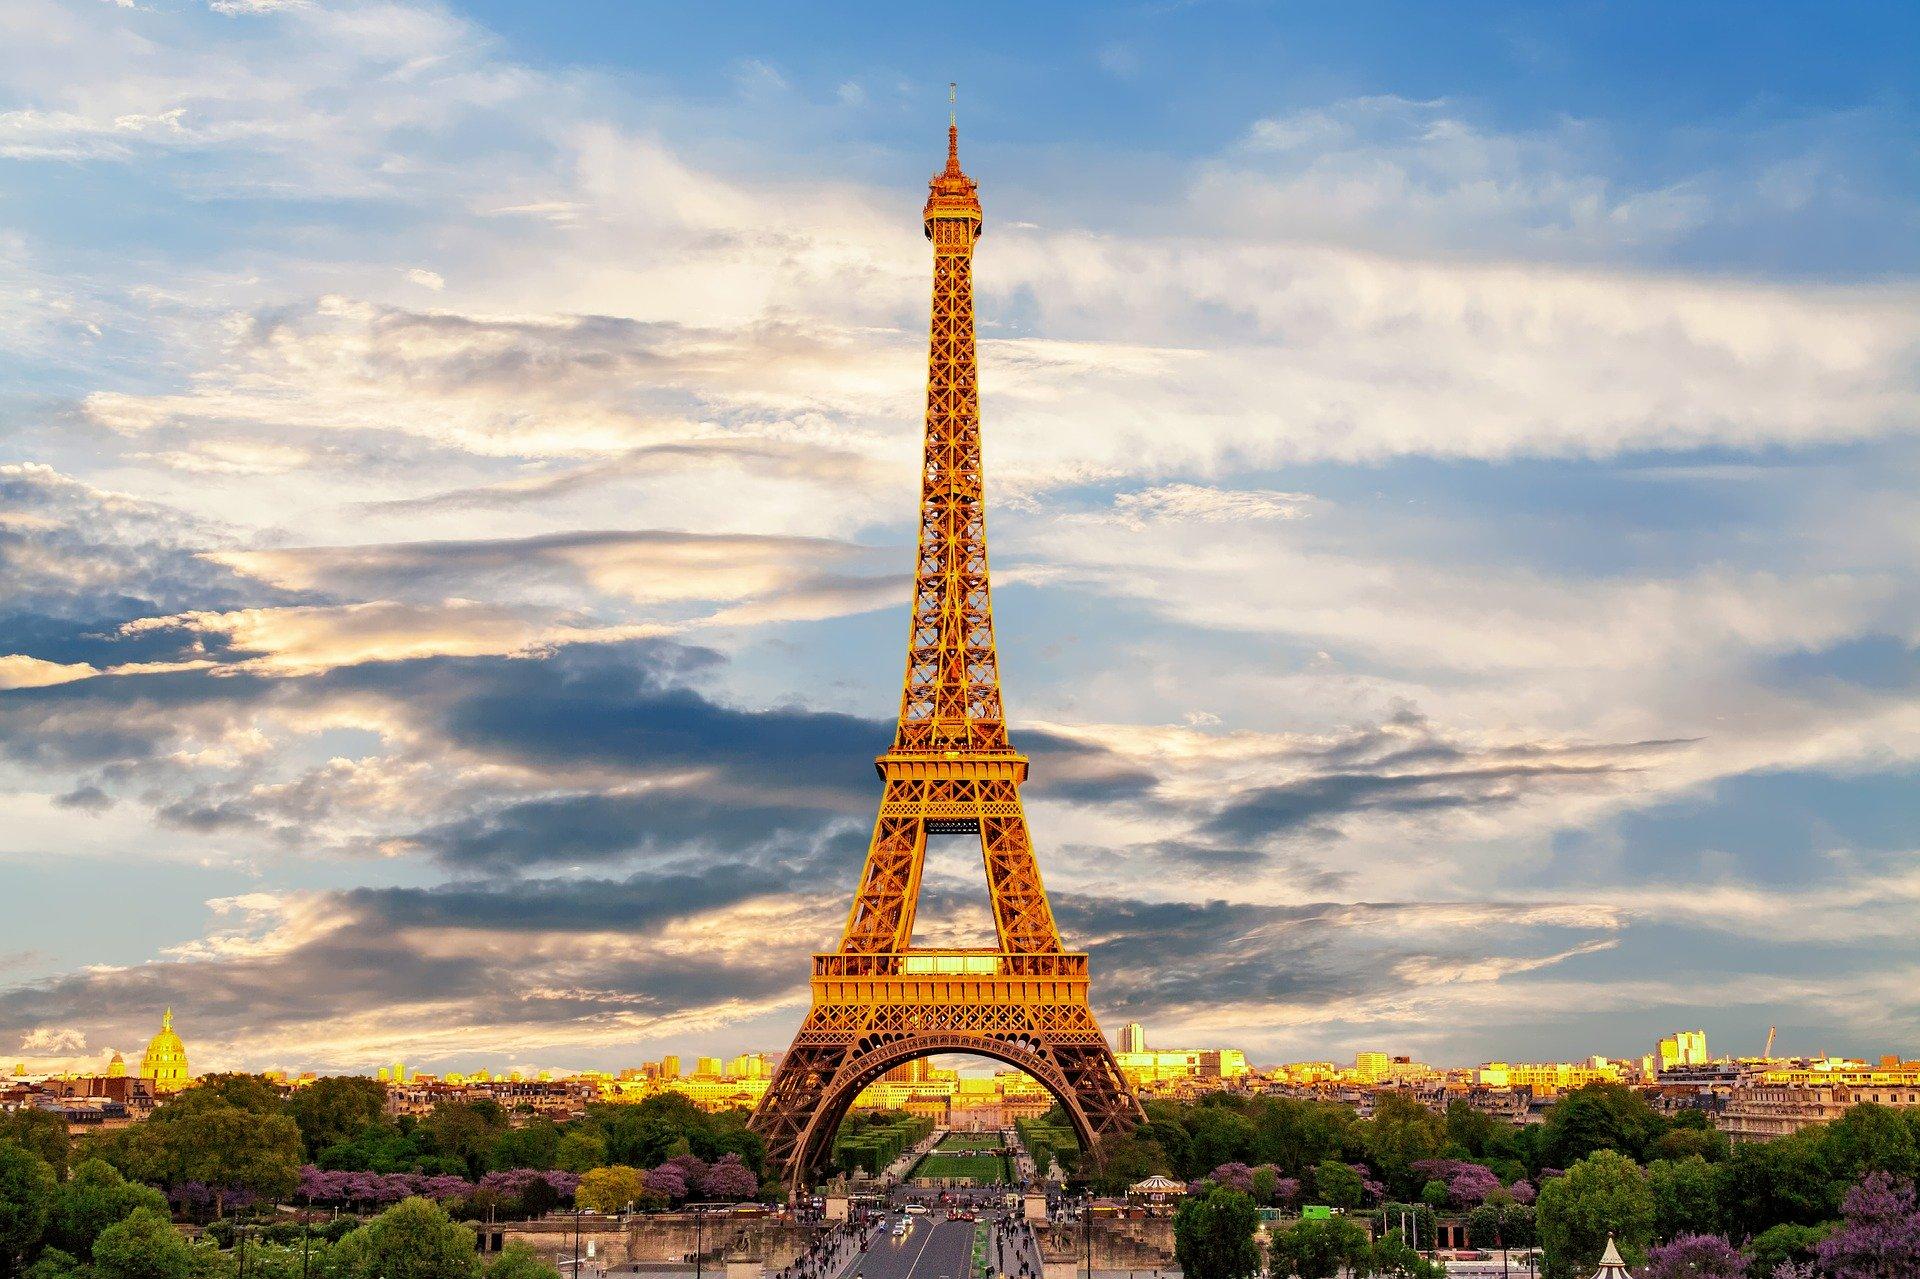 Package France 8D5N ไม่รวมตั๋วเครื่องบิน เที่ยวด้วยตัวเอง ราคาเริ่มต้น 44,900 บาท เหมาะสำหรับผู้ที่ใช้ภาษาอังกฤษได้เท่านั้น